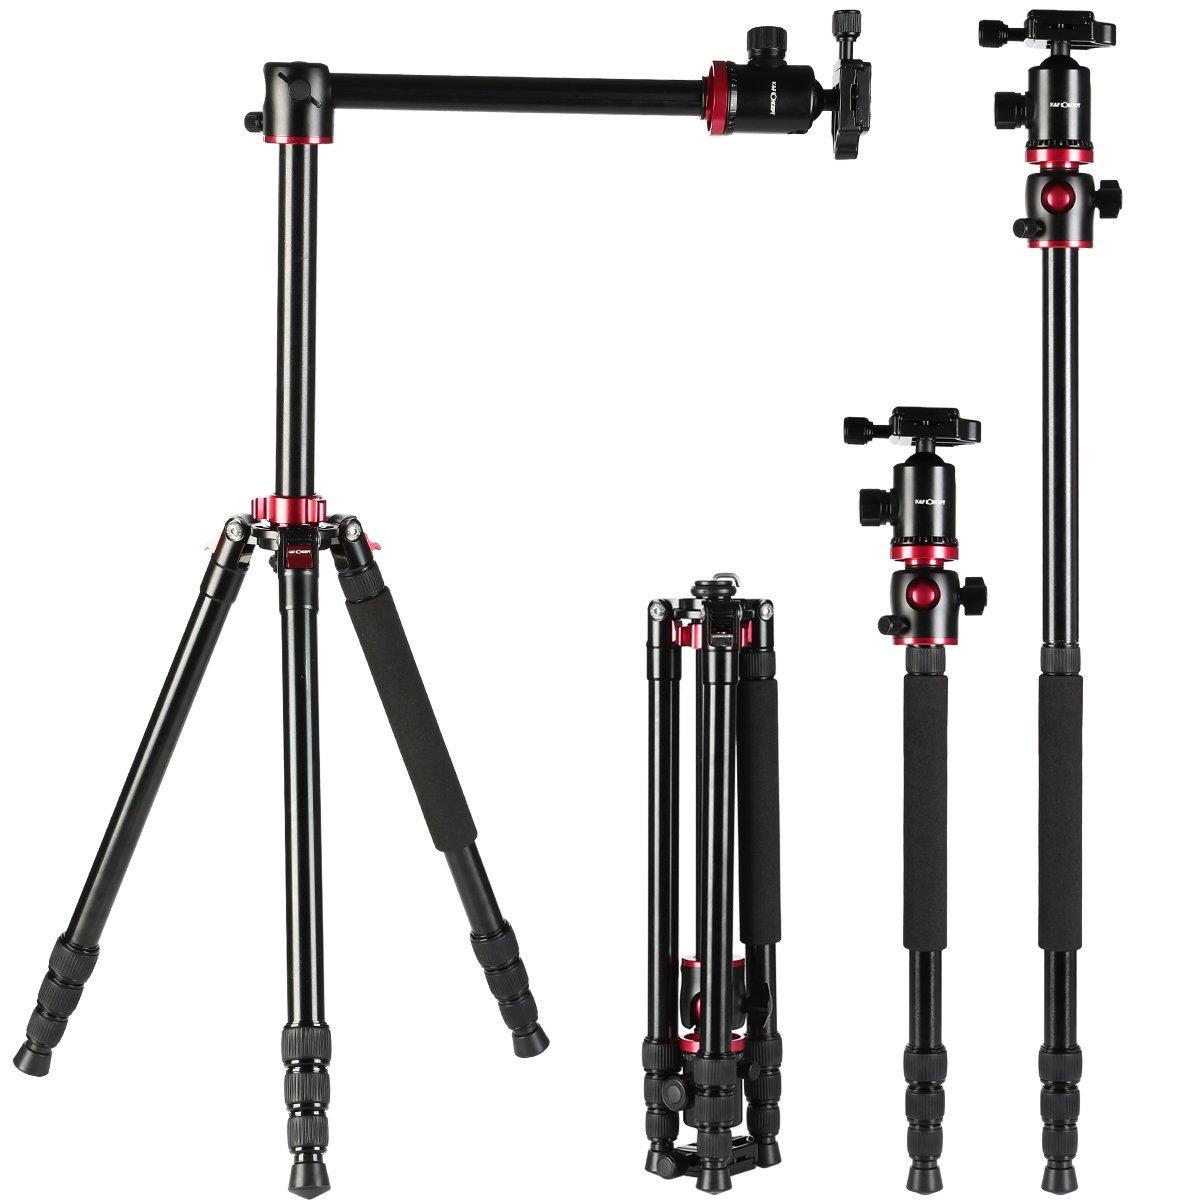 Moveski 66インチ ポータブルマグネシウムアルミニウム三脚一脚 360度ボールヘッドクイックリリースプレート付き キヤノン ニコン ソニー デジタル一眼レフカメラ DV   B0797RSVK6